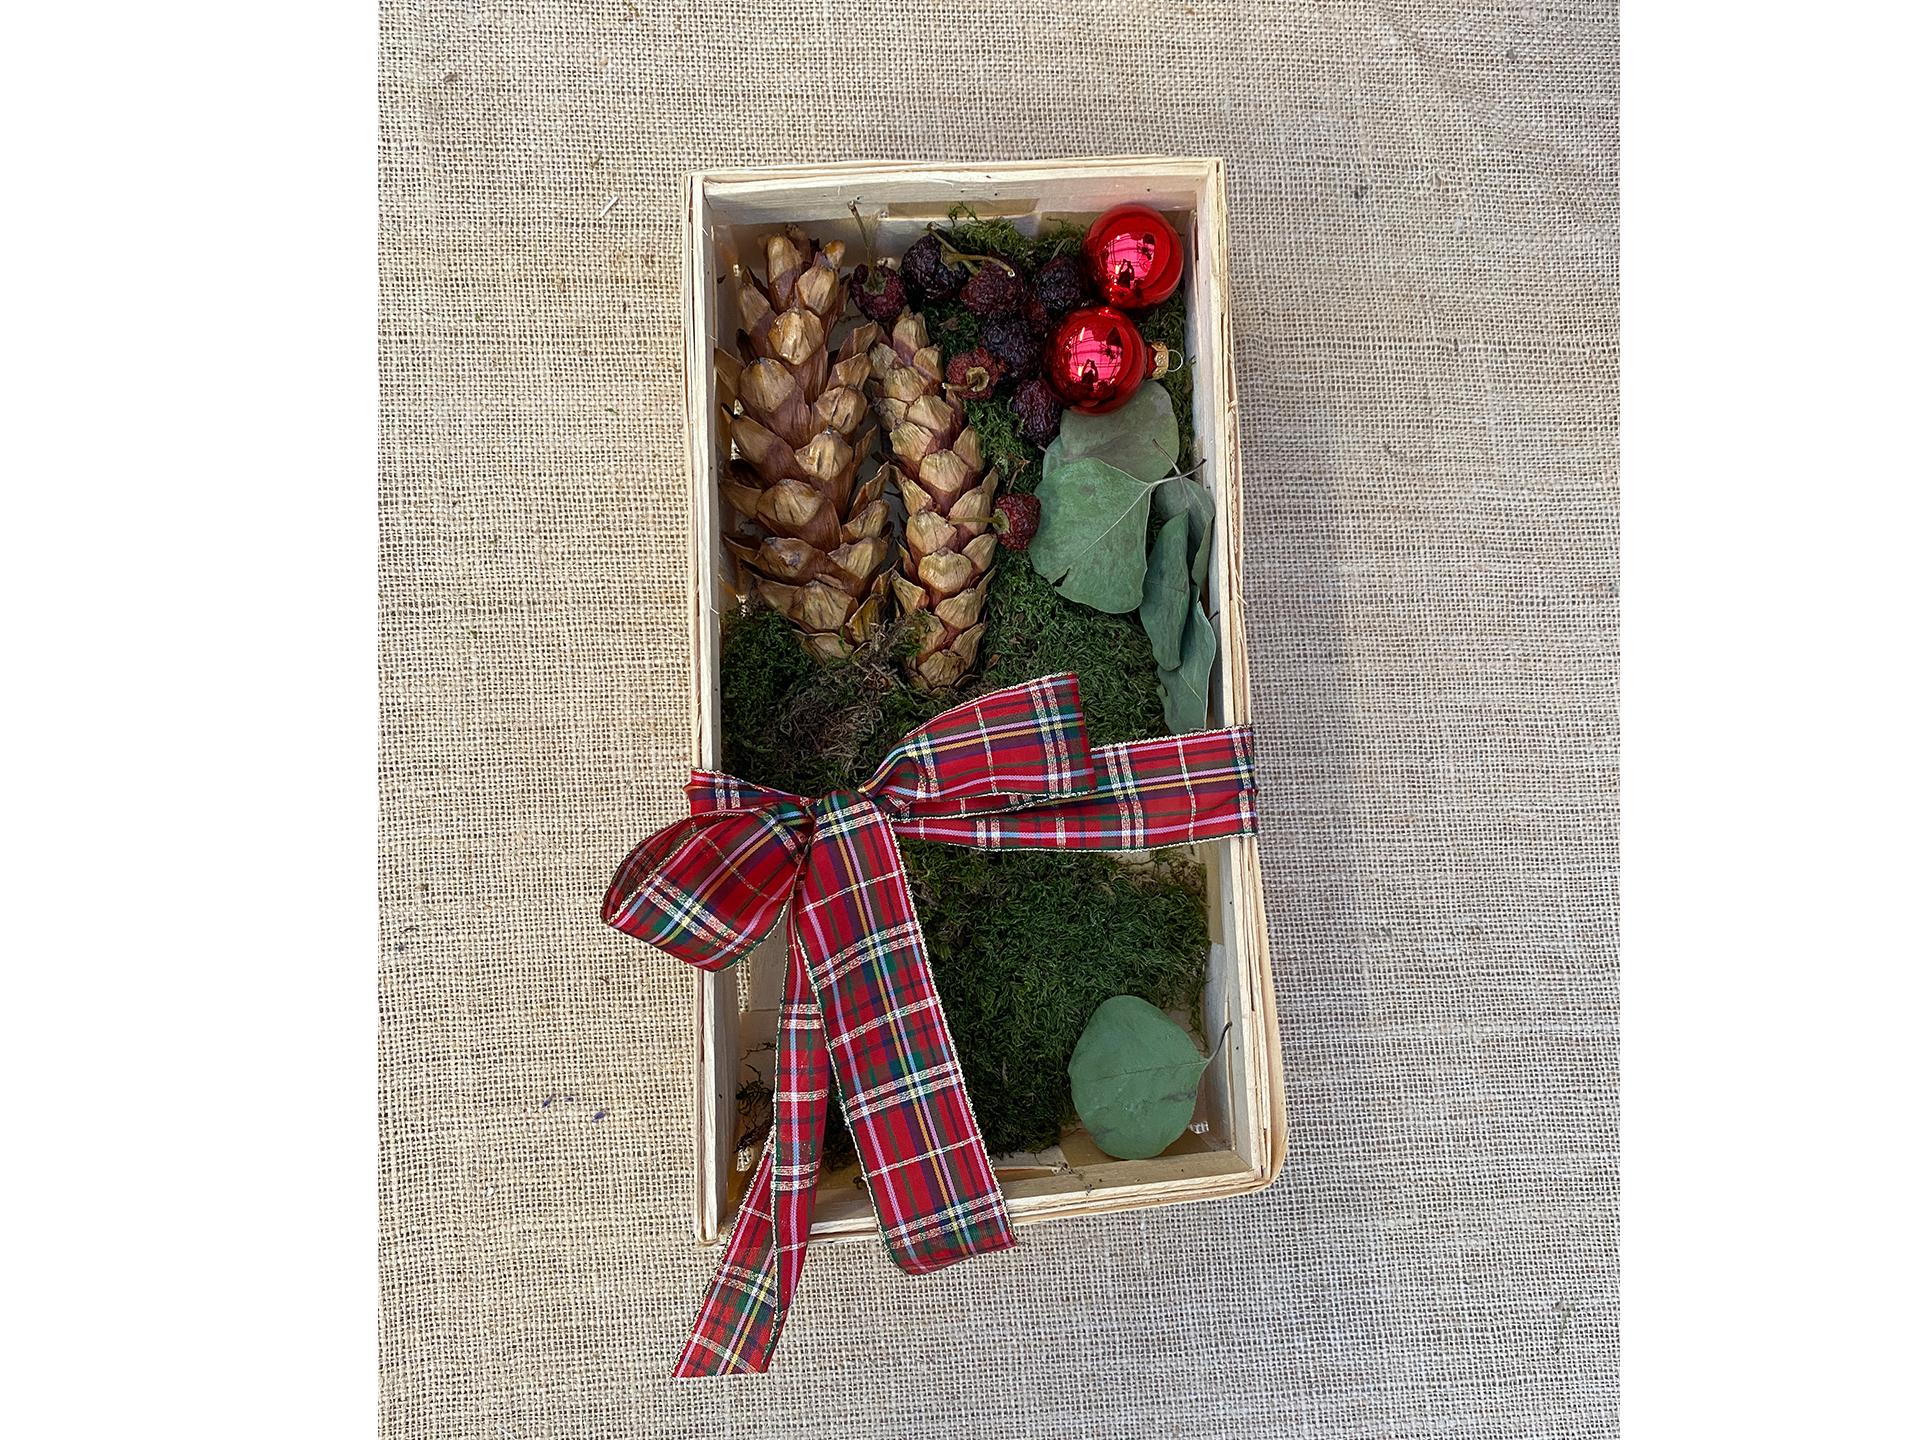 Holzkiste mit Weihnachtsdeko mittel (ohne Inhalt)